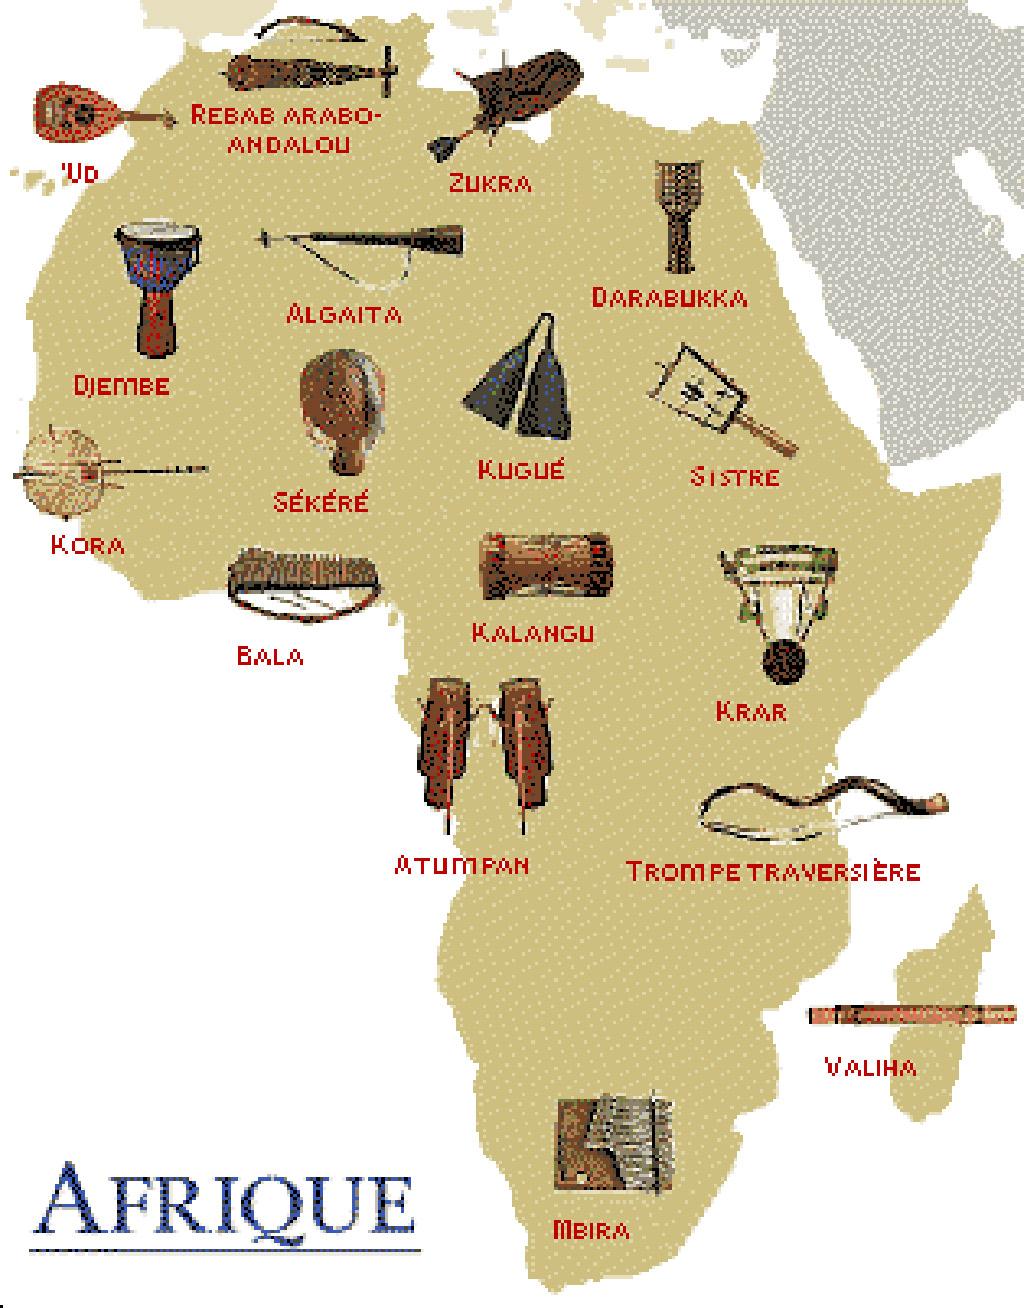 Afrique Soul Makossa